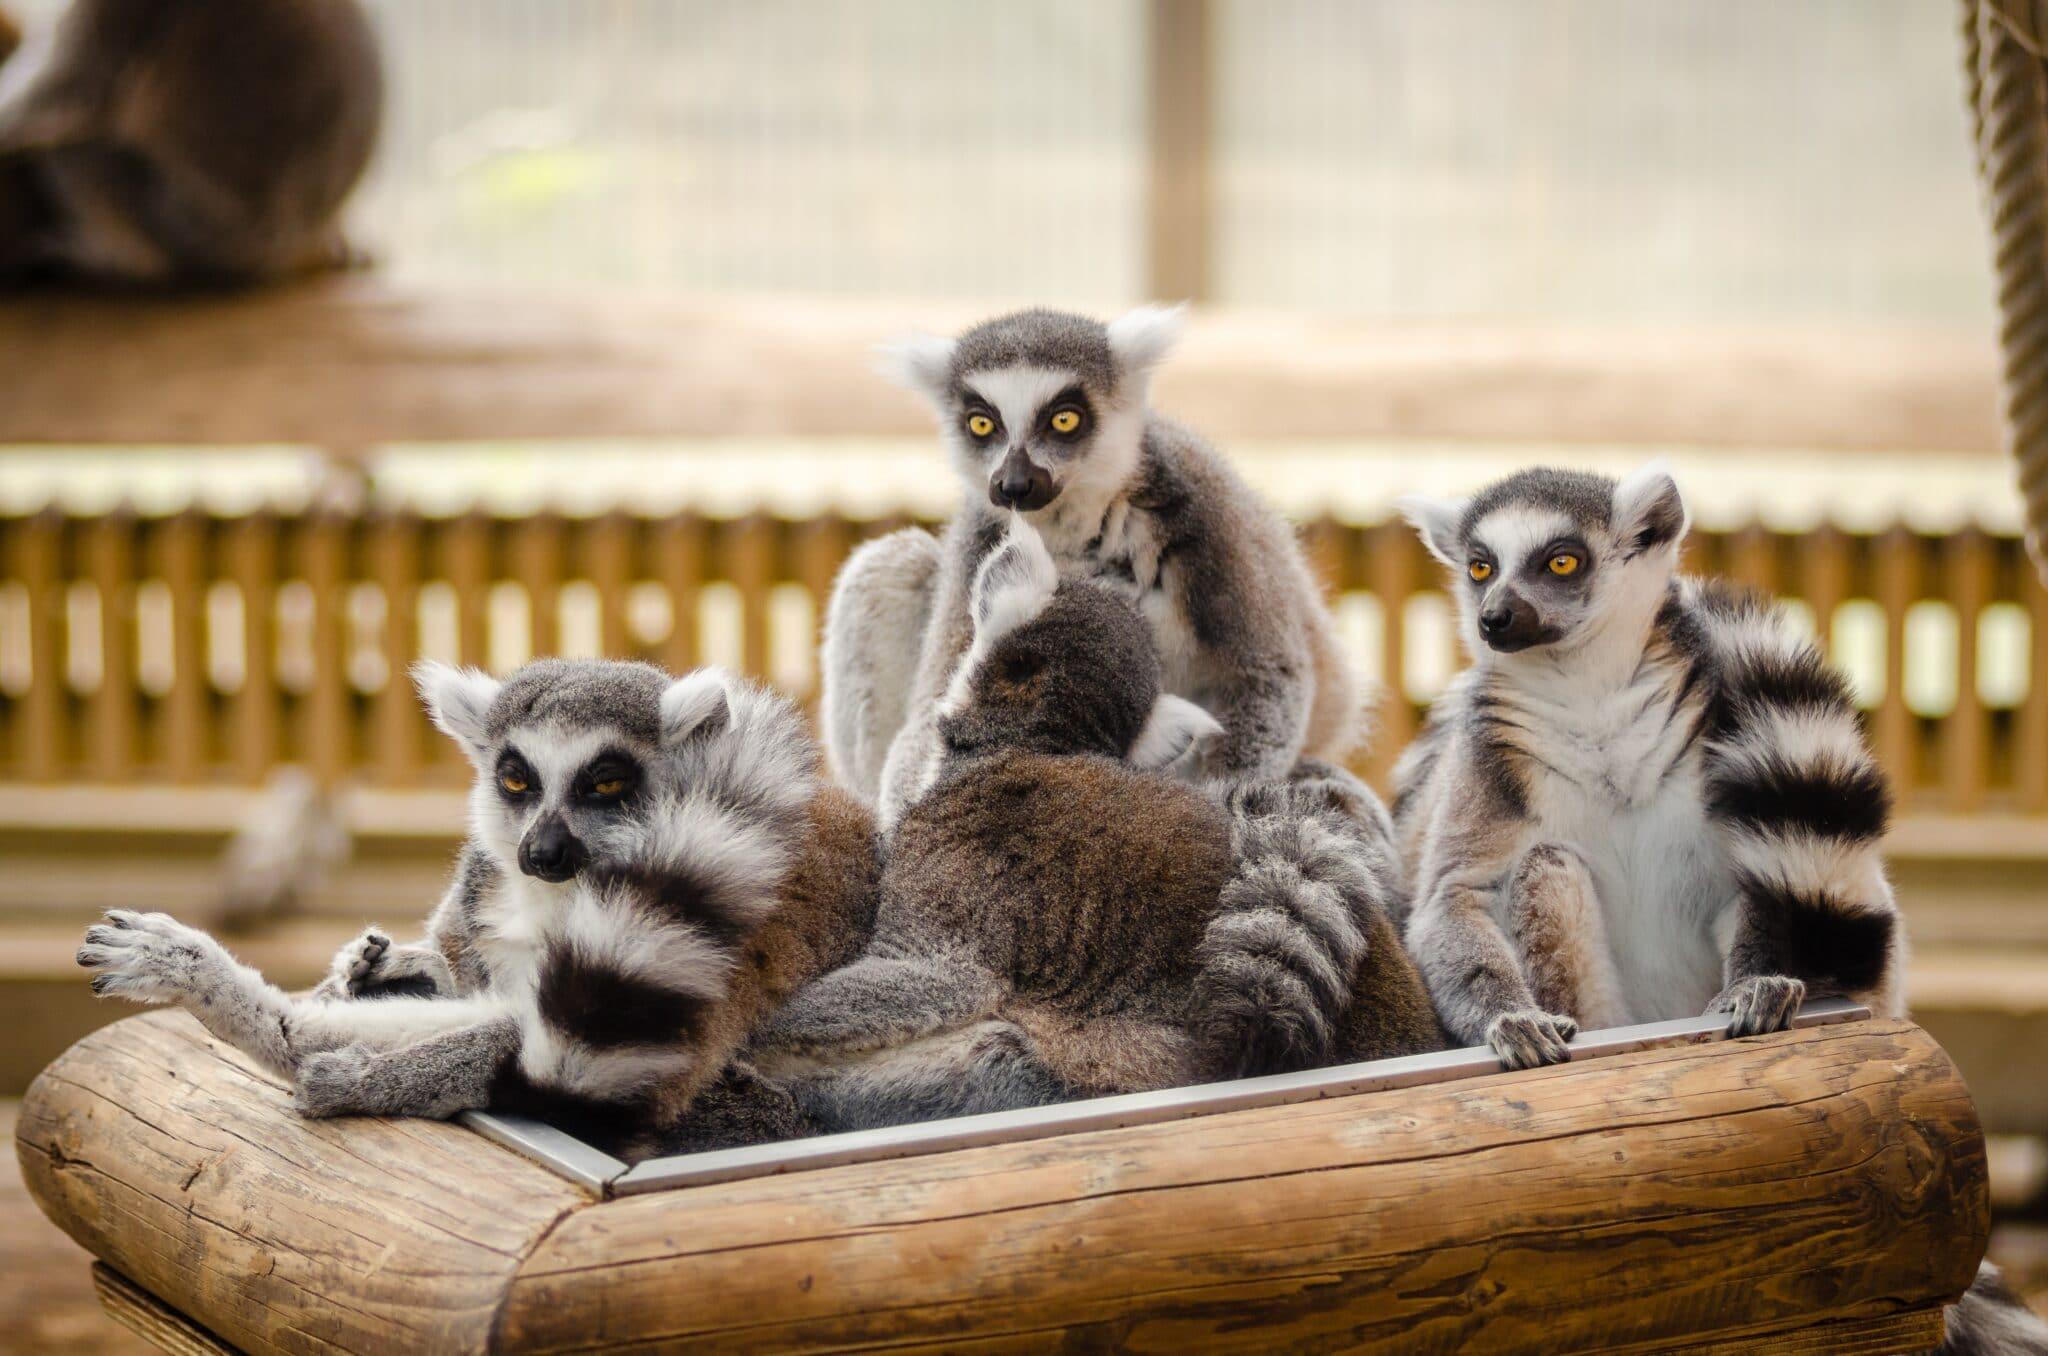 Sono state trovate prove di resistenza agli antibiotici nella pancia dei lemuri